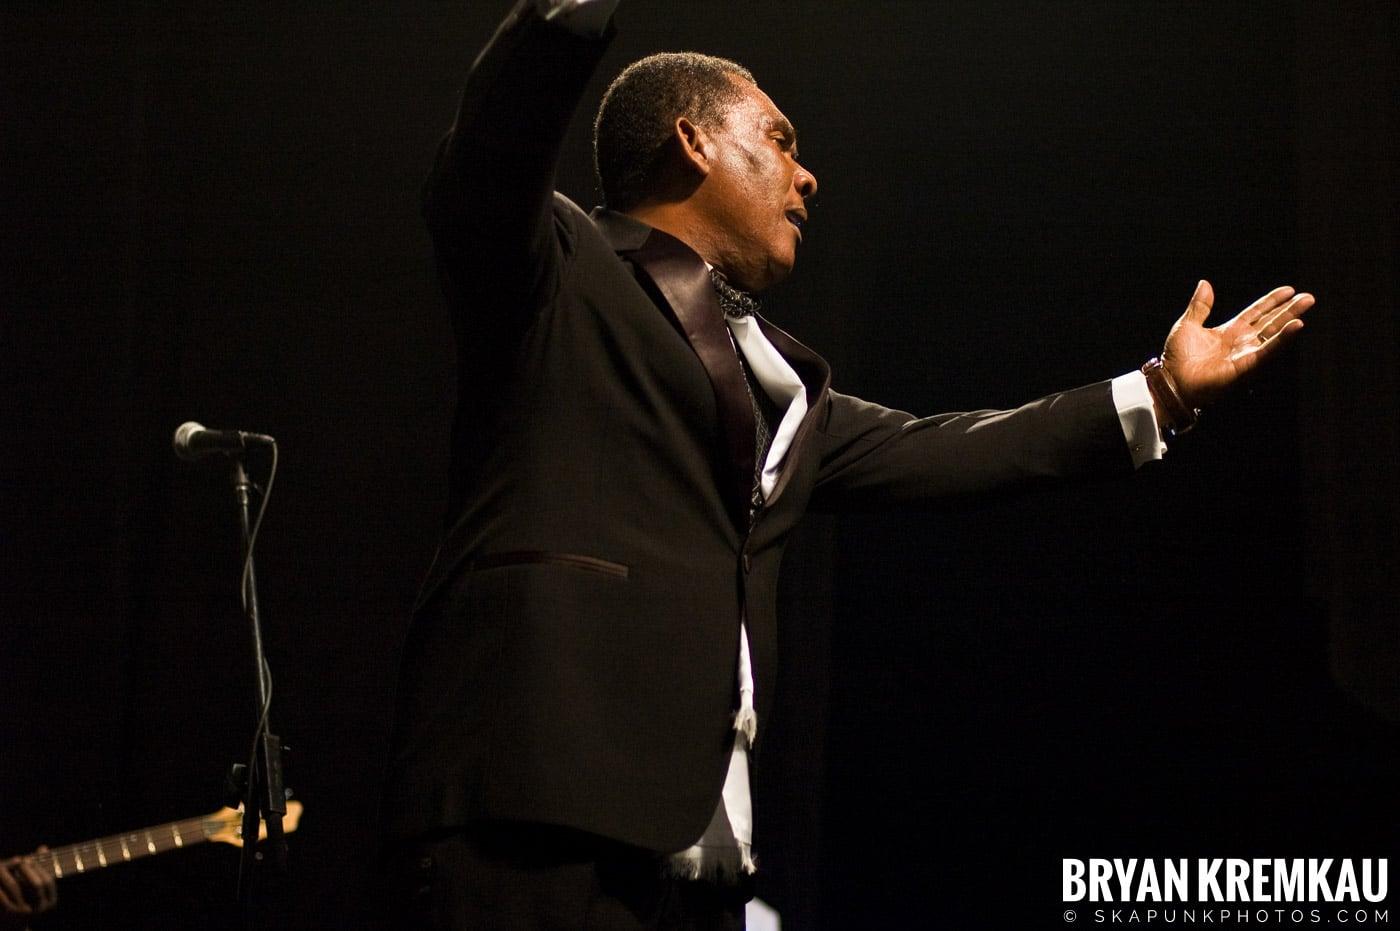 Ken Boothe @ Vintage Reggae Fest - Hammerstein Ballroom, NYC - 12.16.07 (5)